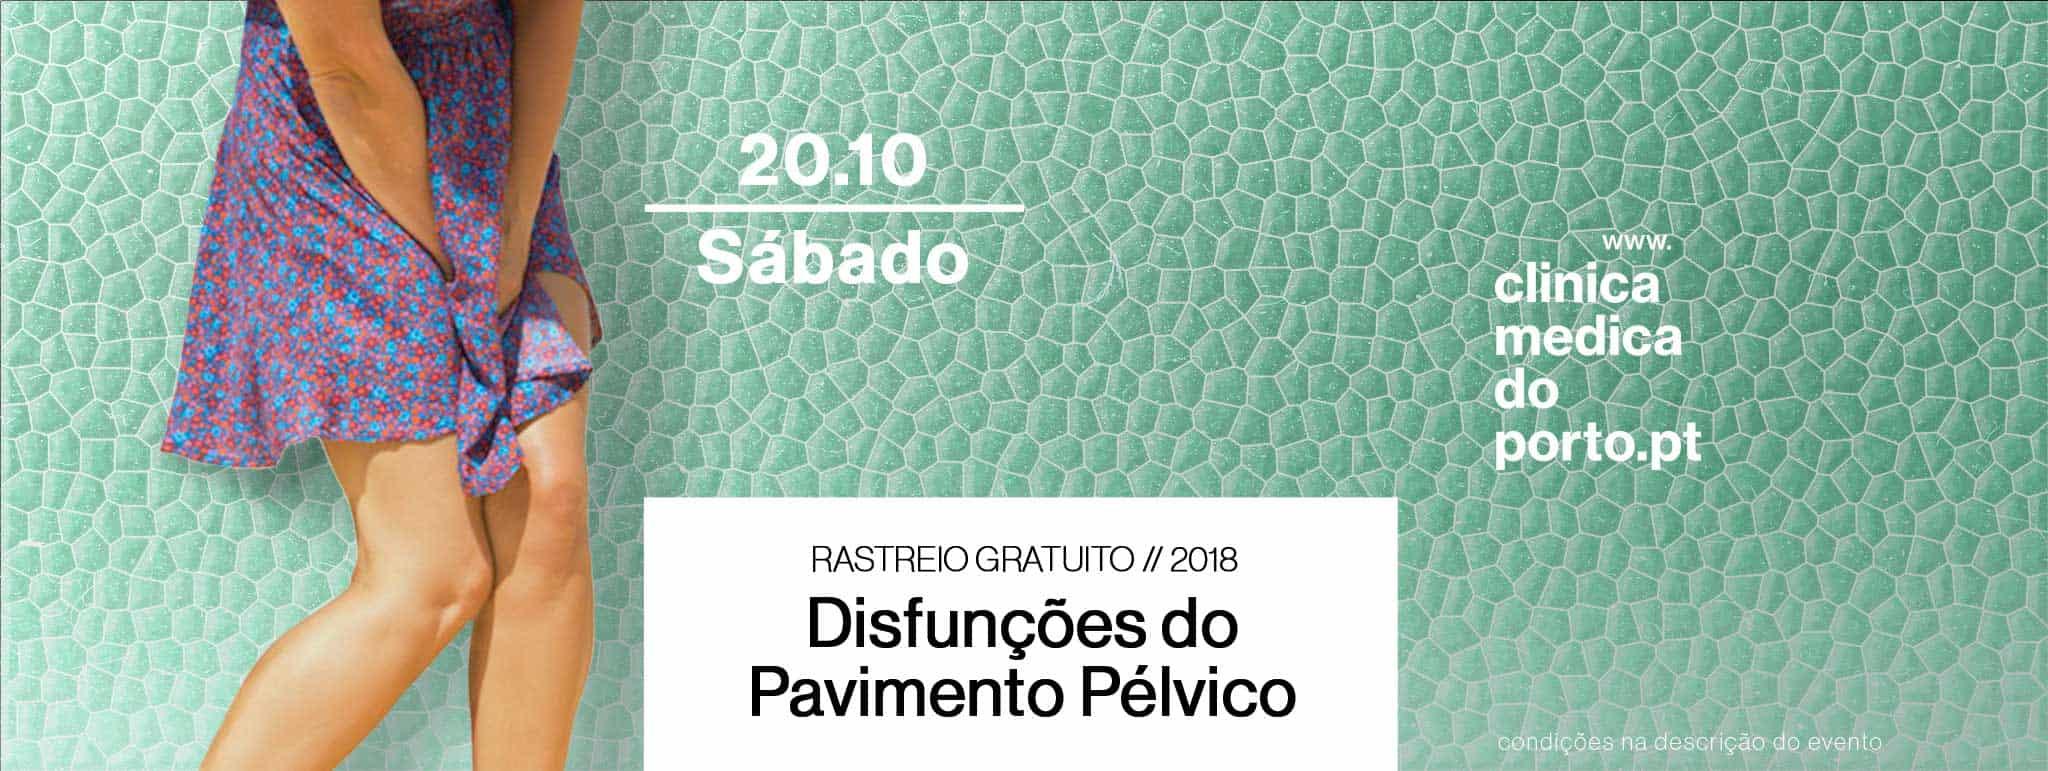 Disfuncoes-pavimento-pelvico-clinica-medica-do-porto